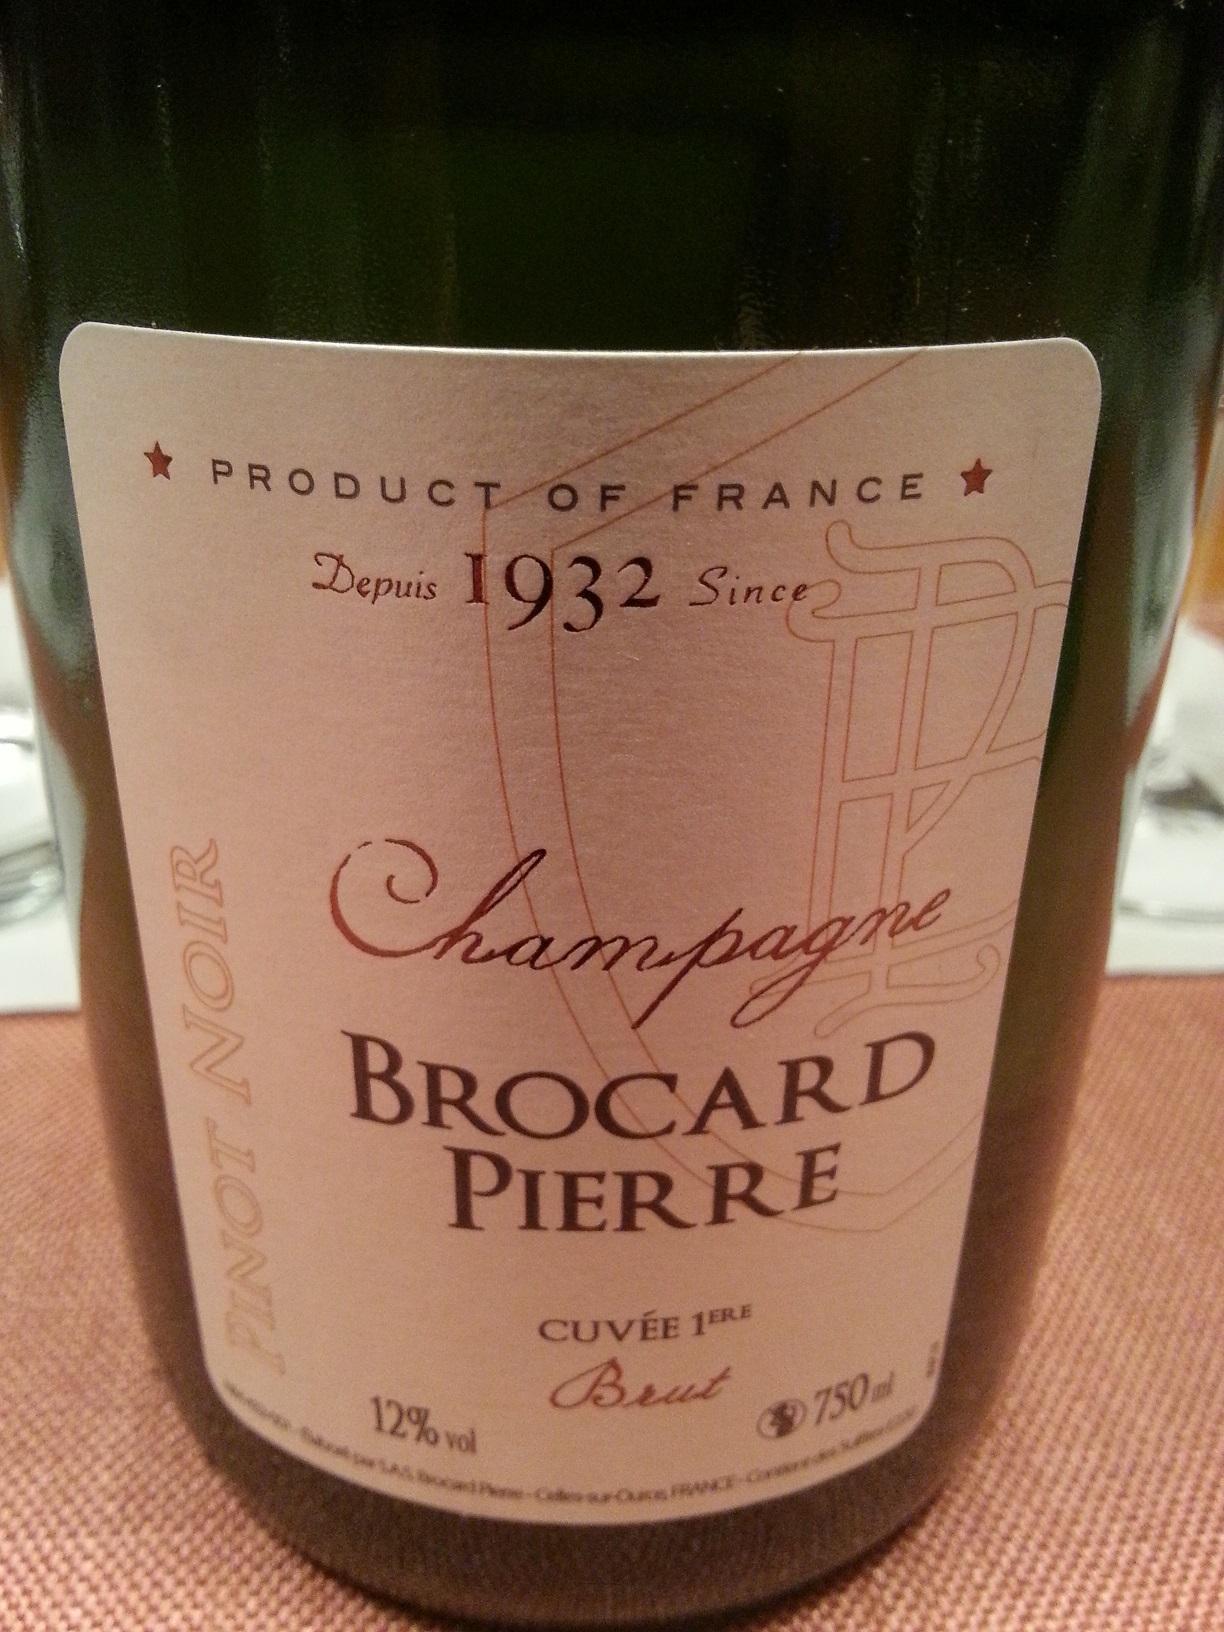 -nv- Champagne Blanc de Noirs Cuvée 1ère brut | Brocard